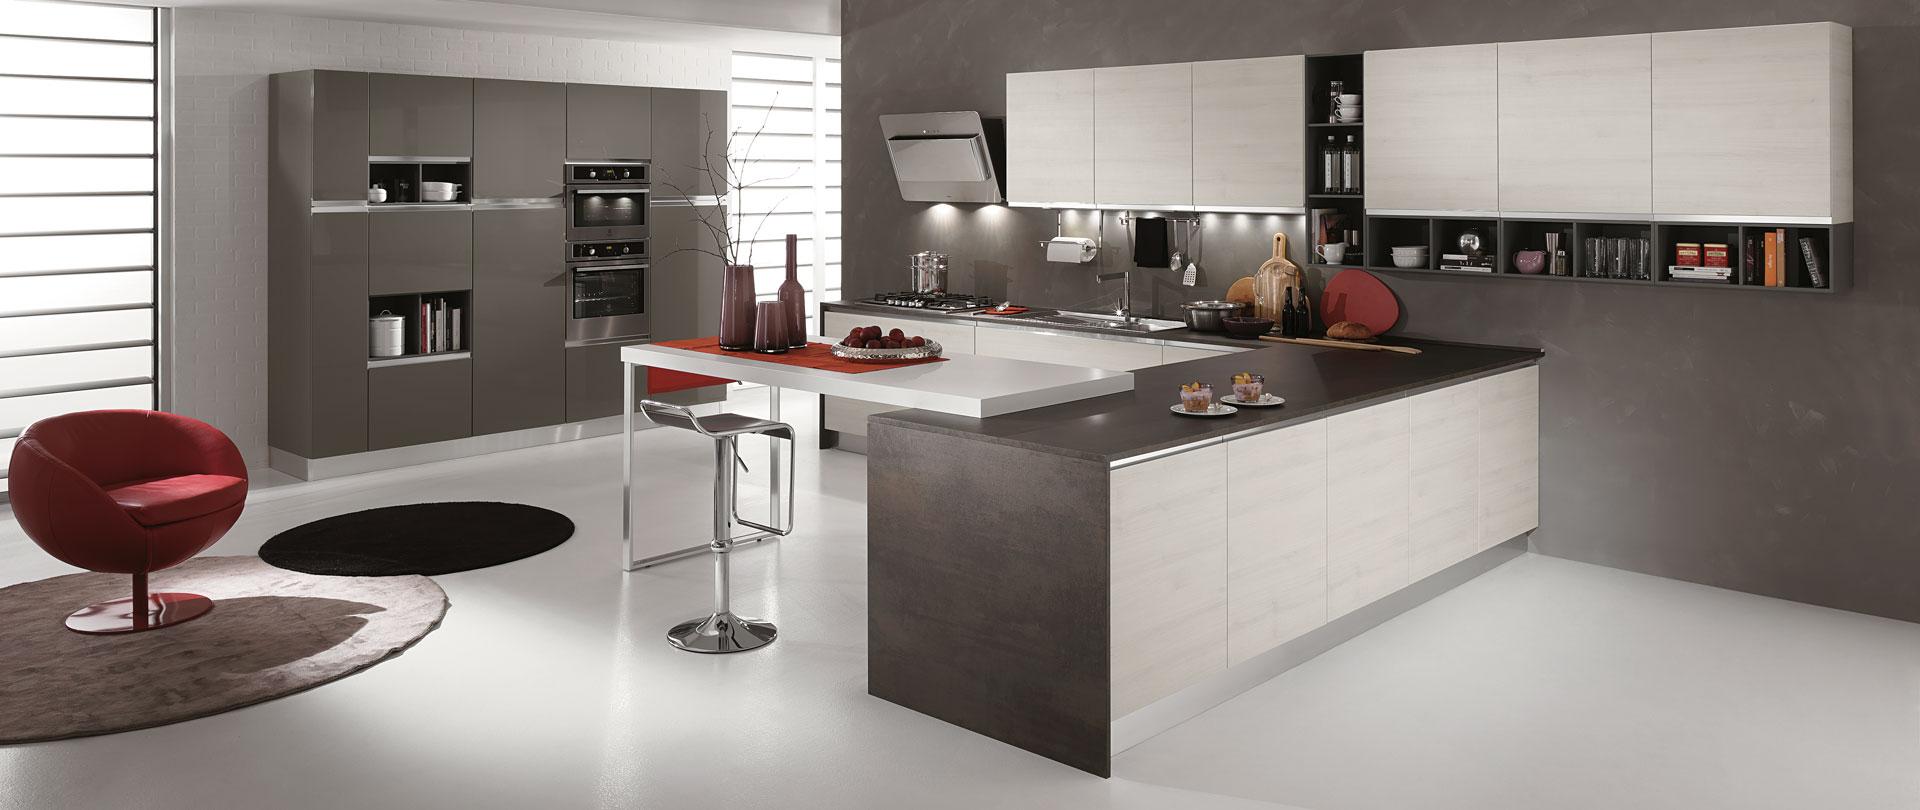 01-cucina-moderna-newmeg-tranche-ghiaccio-grigio-polvere - Cucinissima